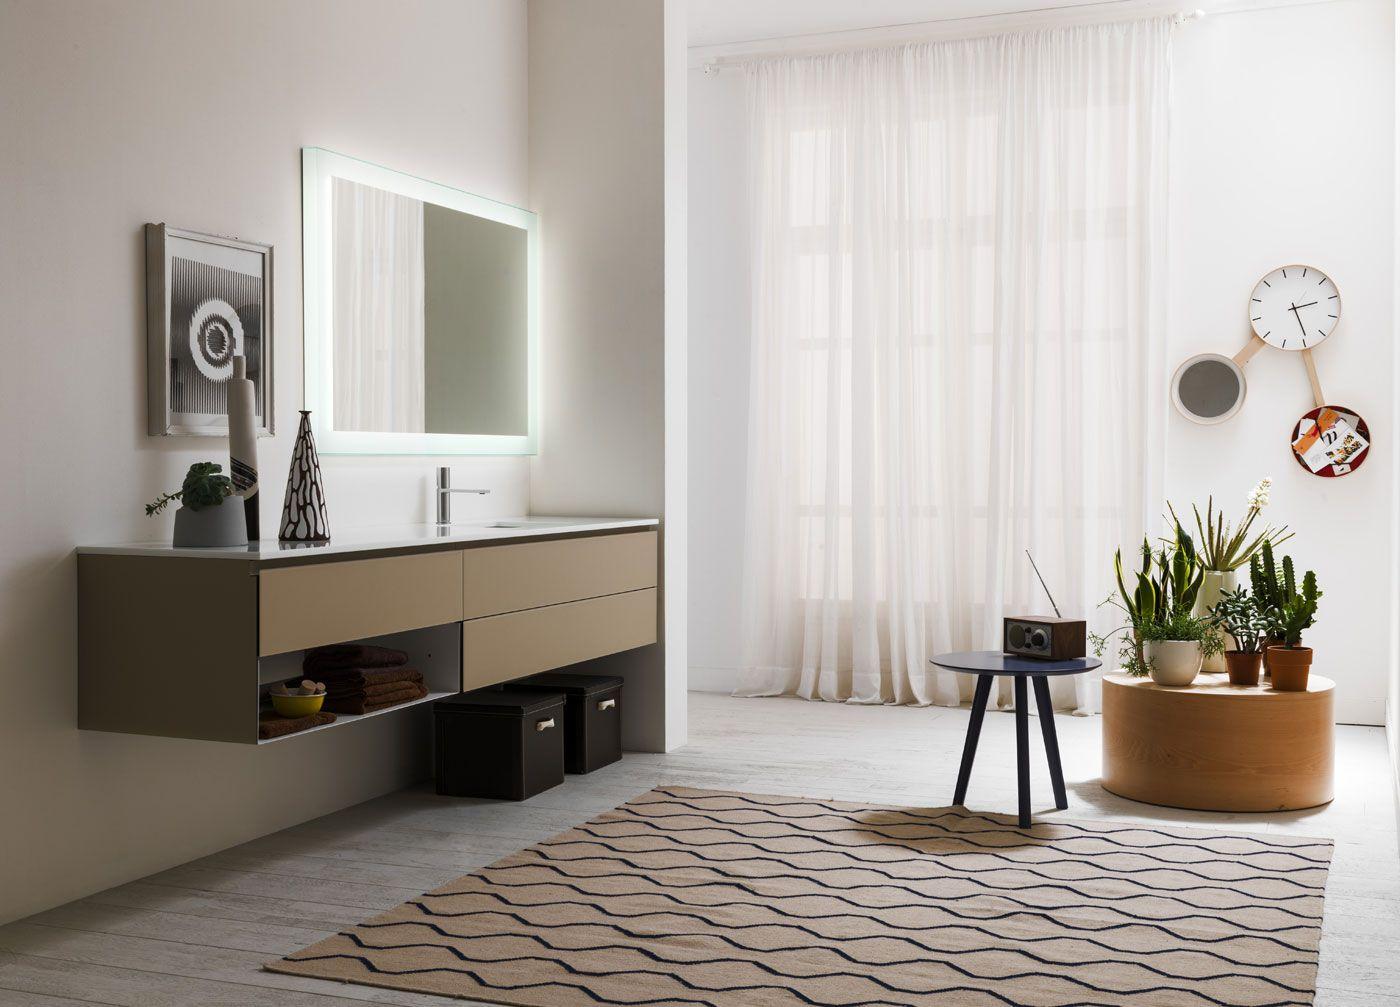 monolite 2.0 - zusammensetzung al 354 - das badezimmer, design, Badezimmer